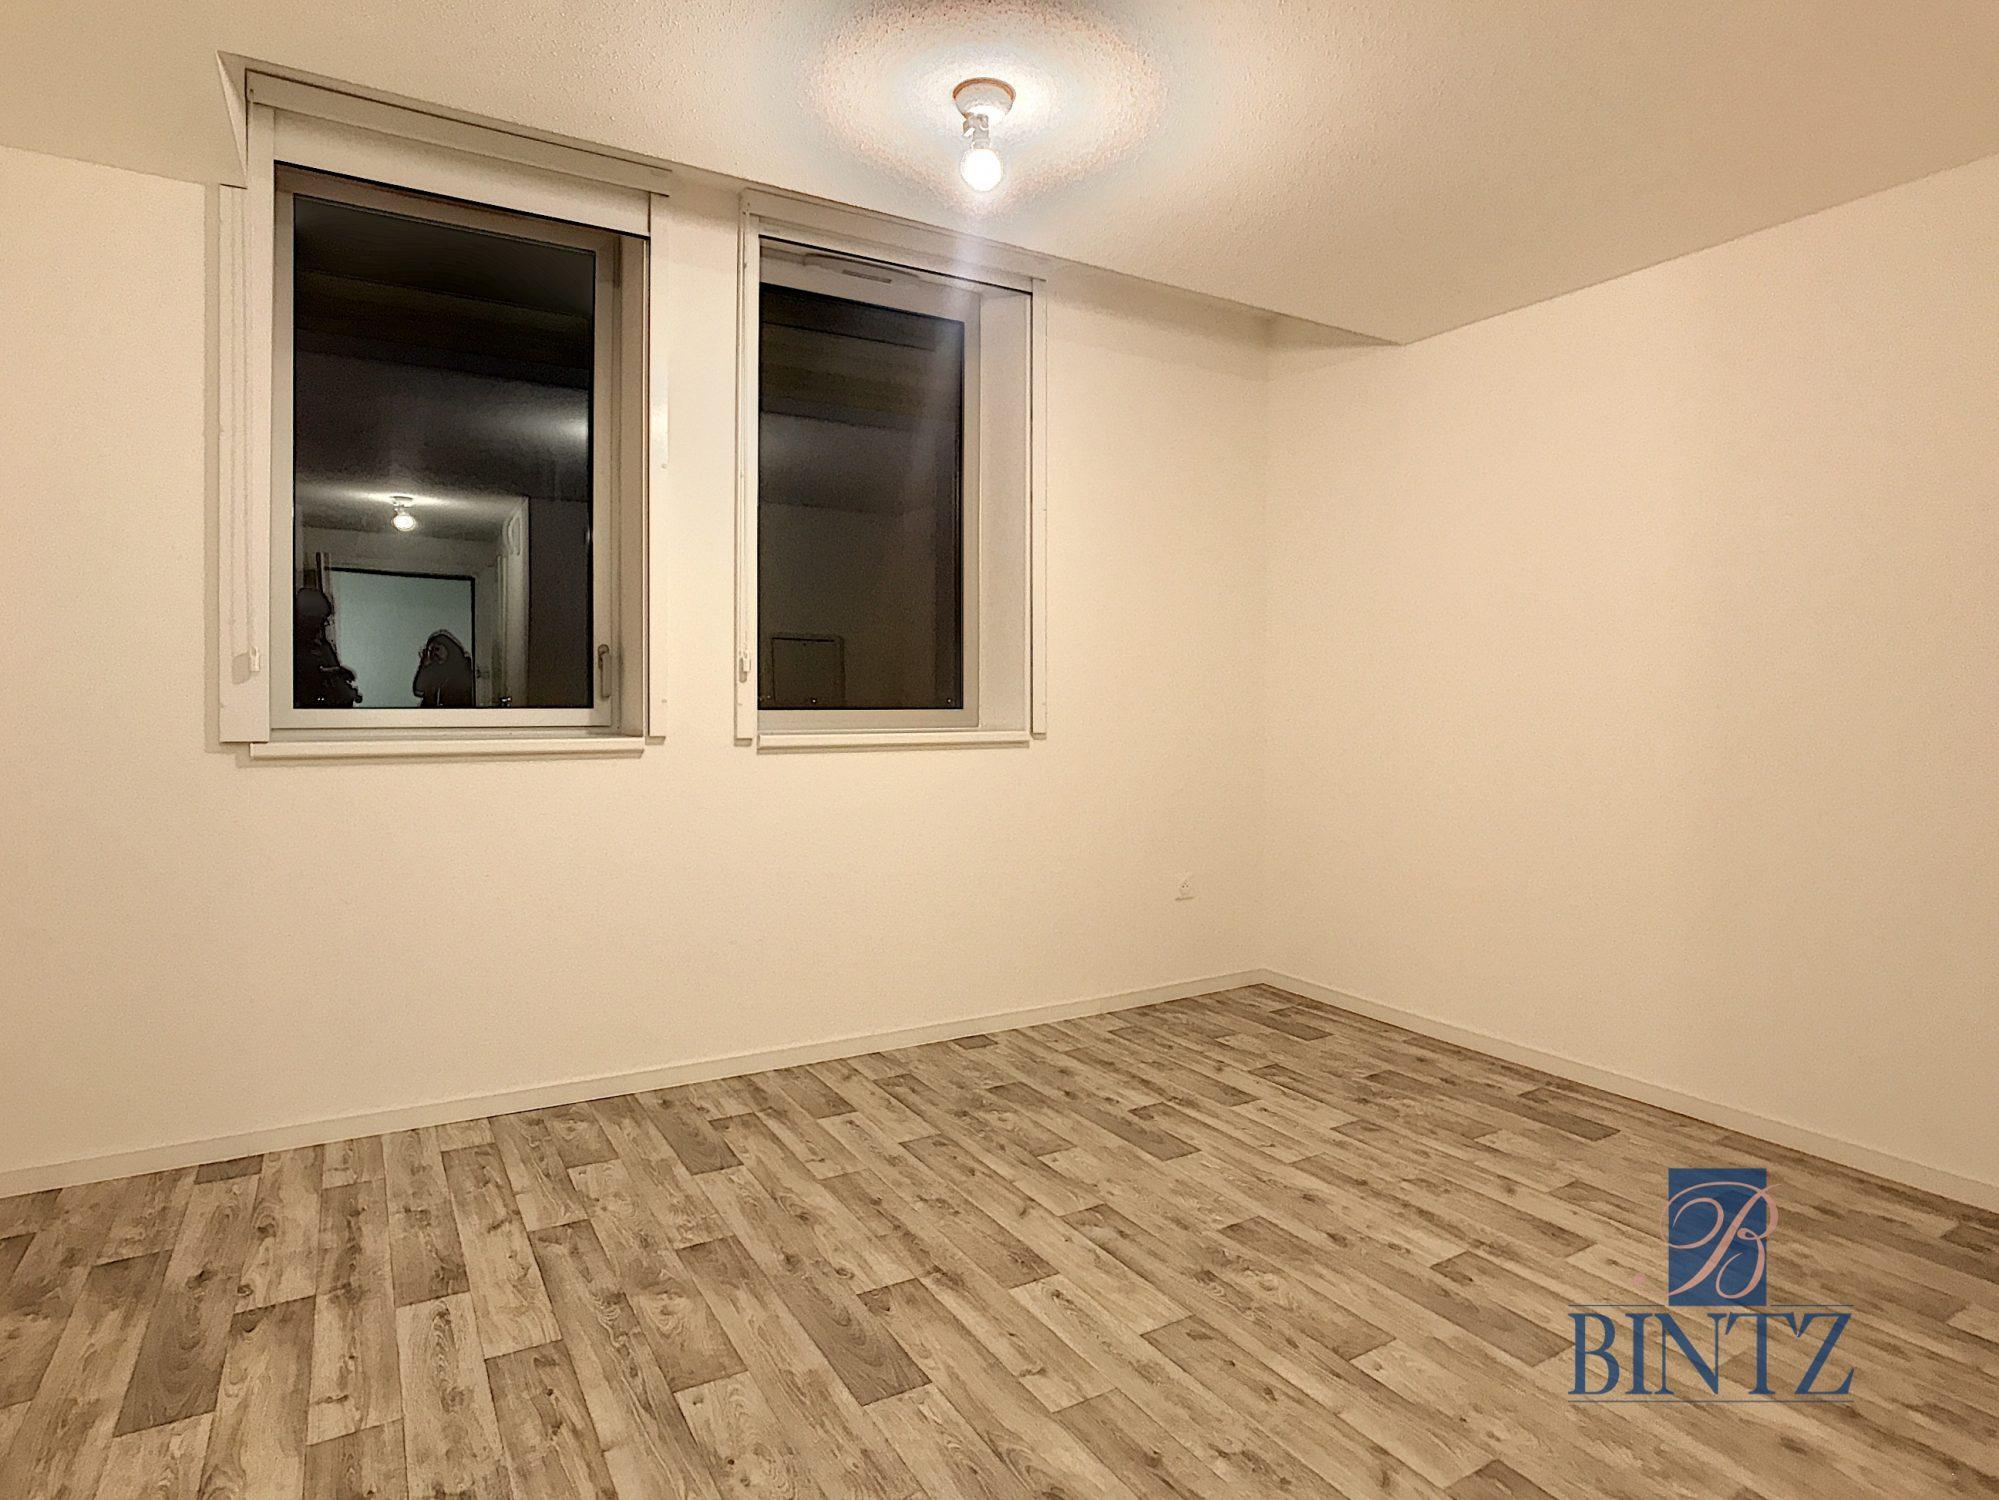 Studio dans résidence neuve - Devenez locataire en toute sérénité - Bintz Immobilier - 2